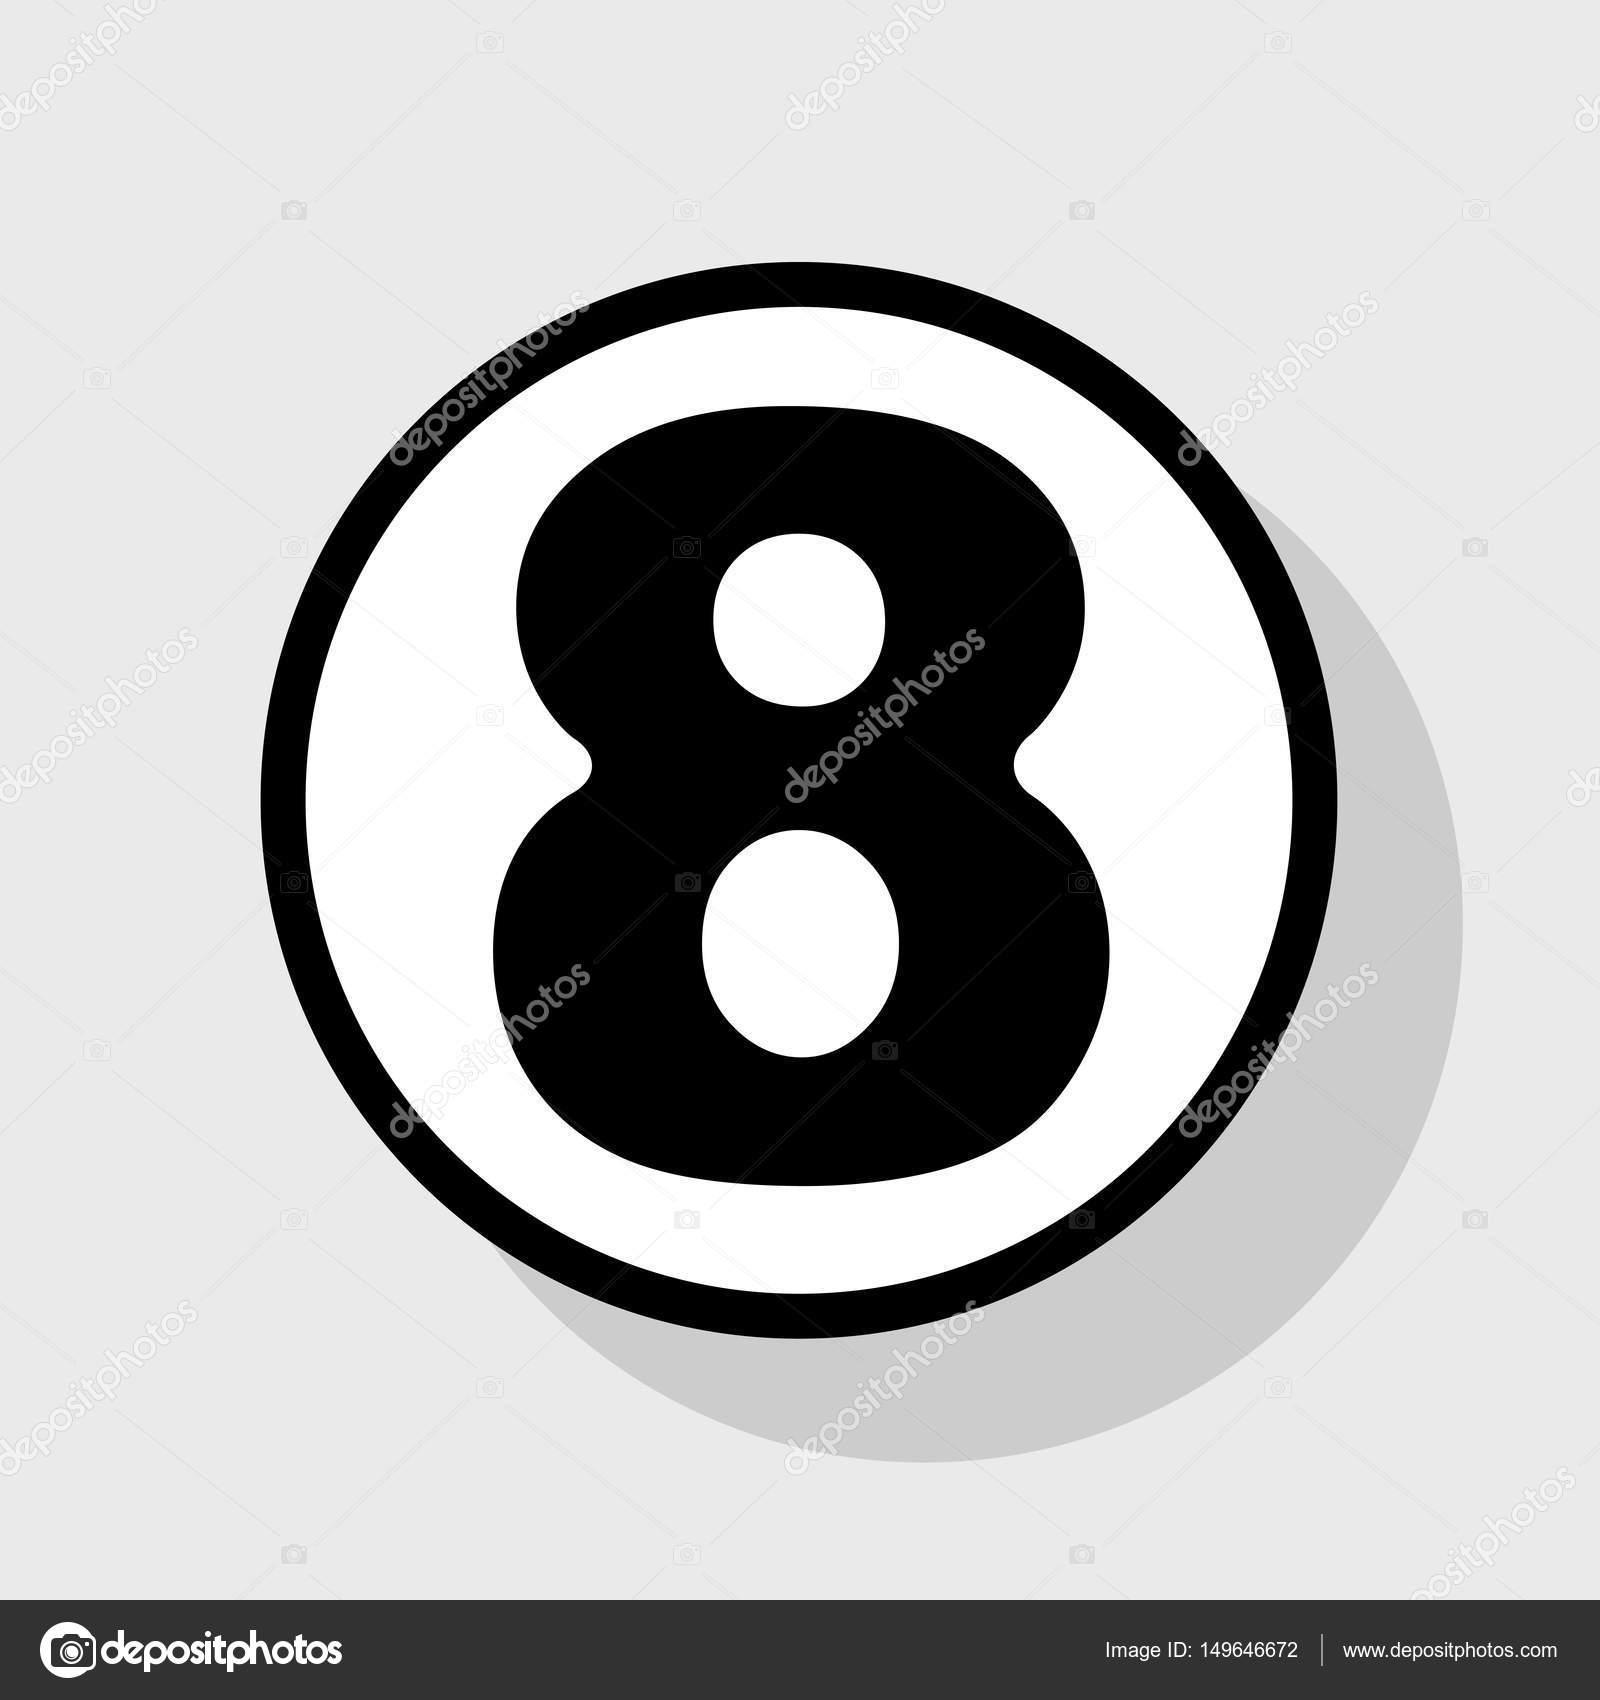 矢量.在与阴影在灰色背景的白色圆圈的平黑色图标